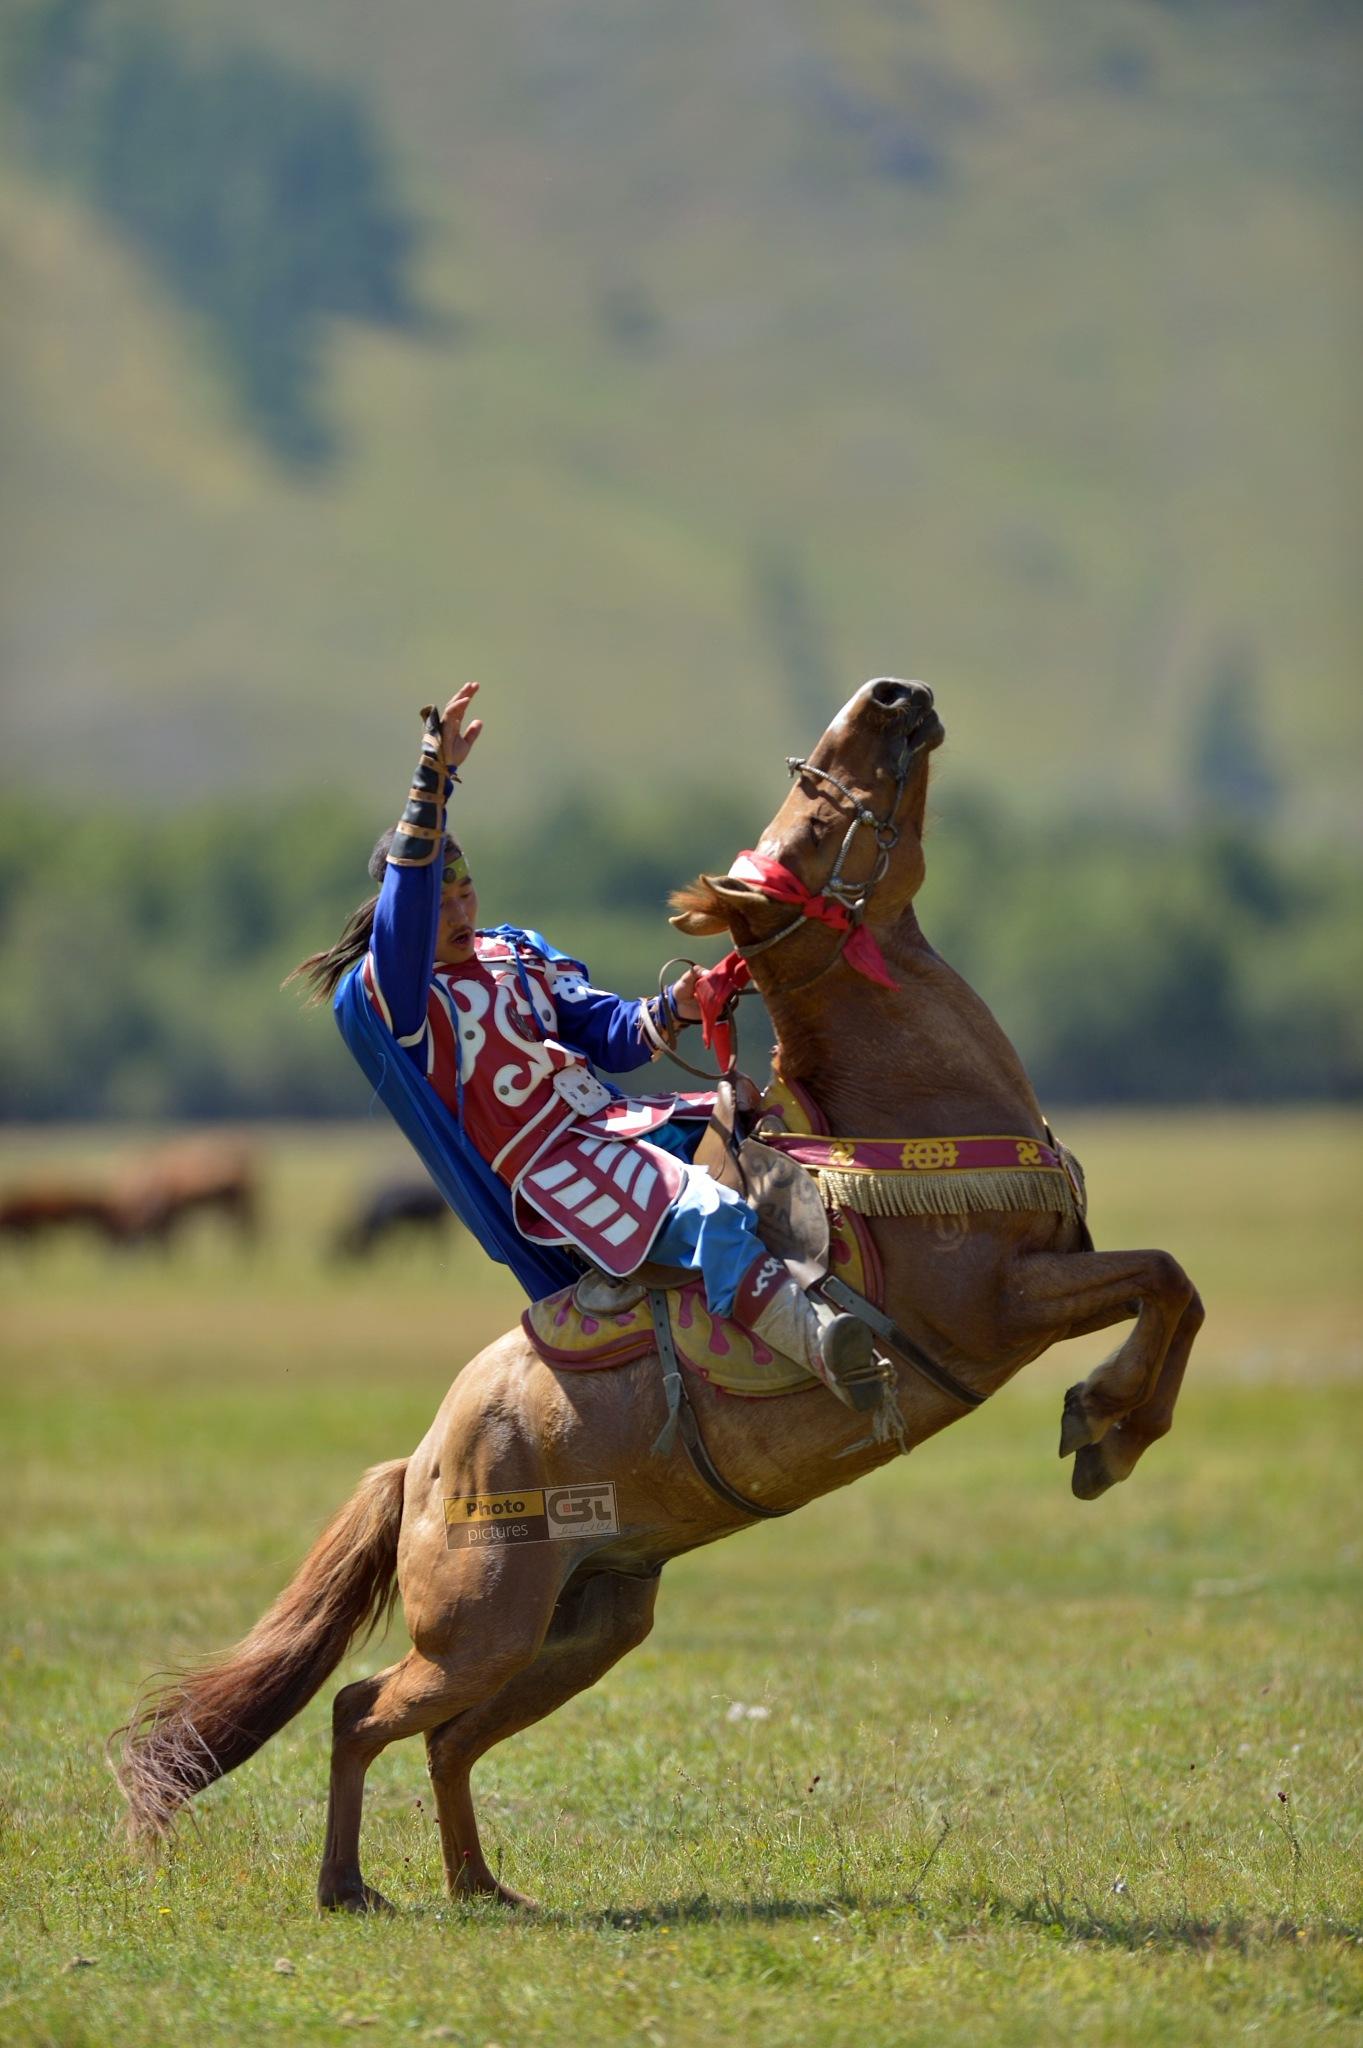 Untitled by Ganbat Chuluunbaatar